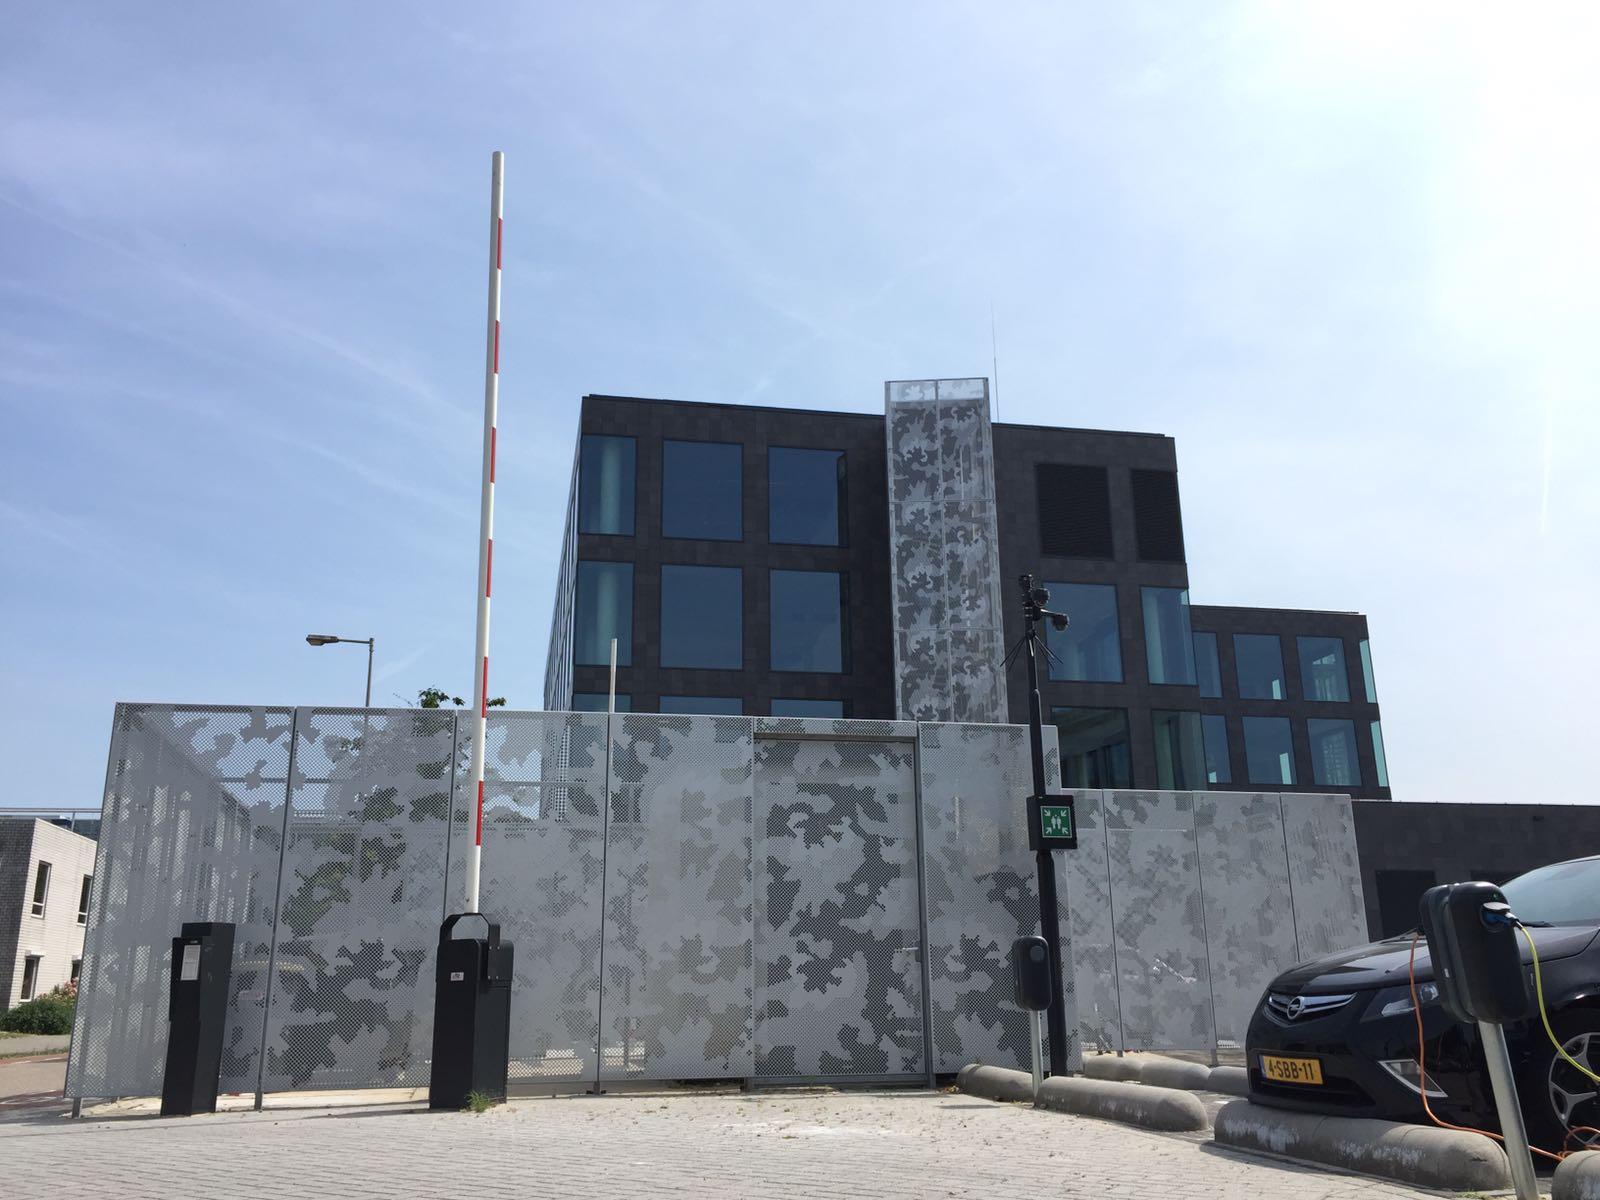 Vooraanzicht van de gevelbekleding met MD Designperforatie van het pand aan de Paasheuvelweg in Amsterdam